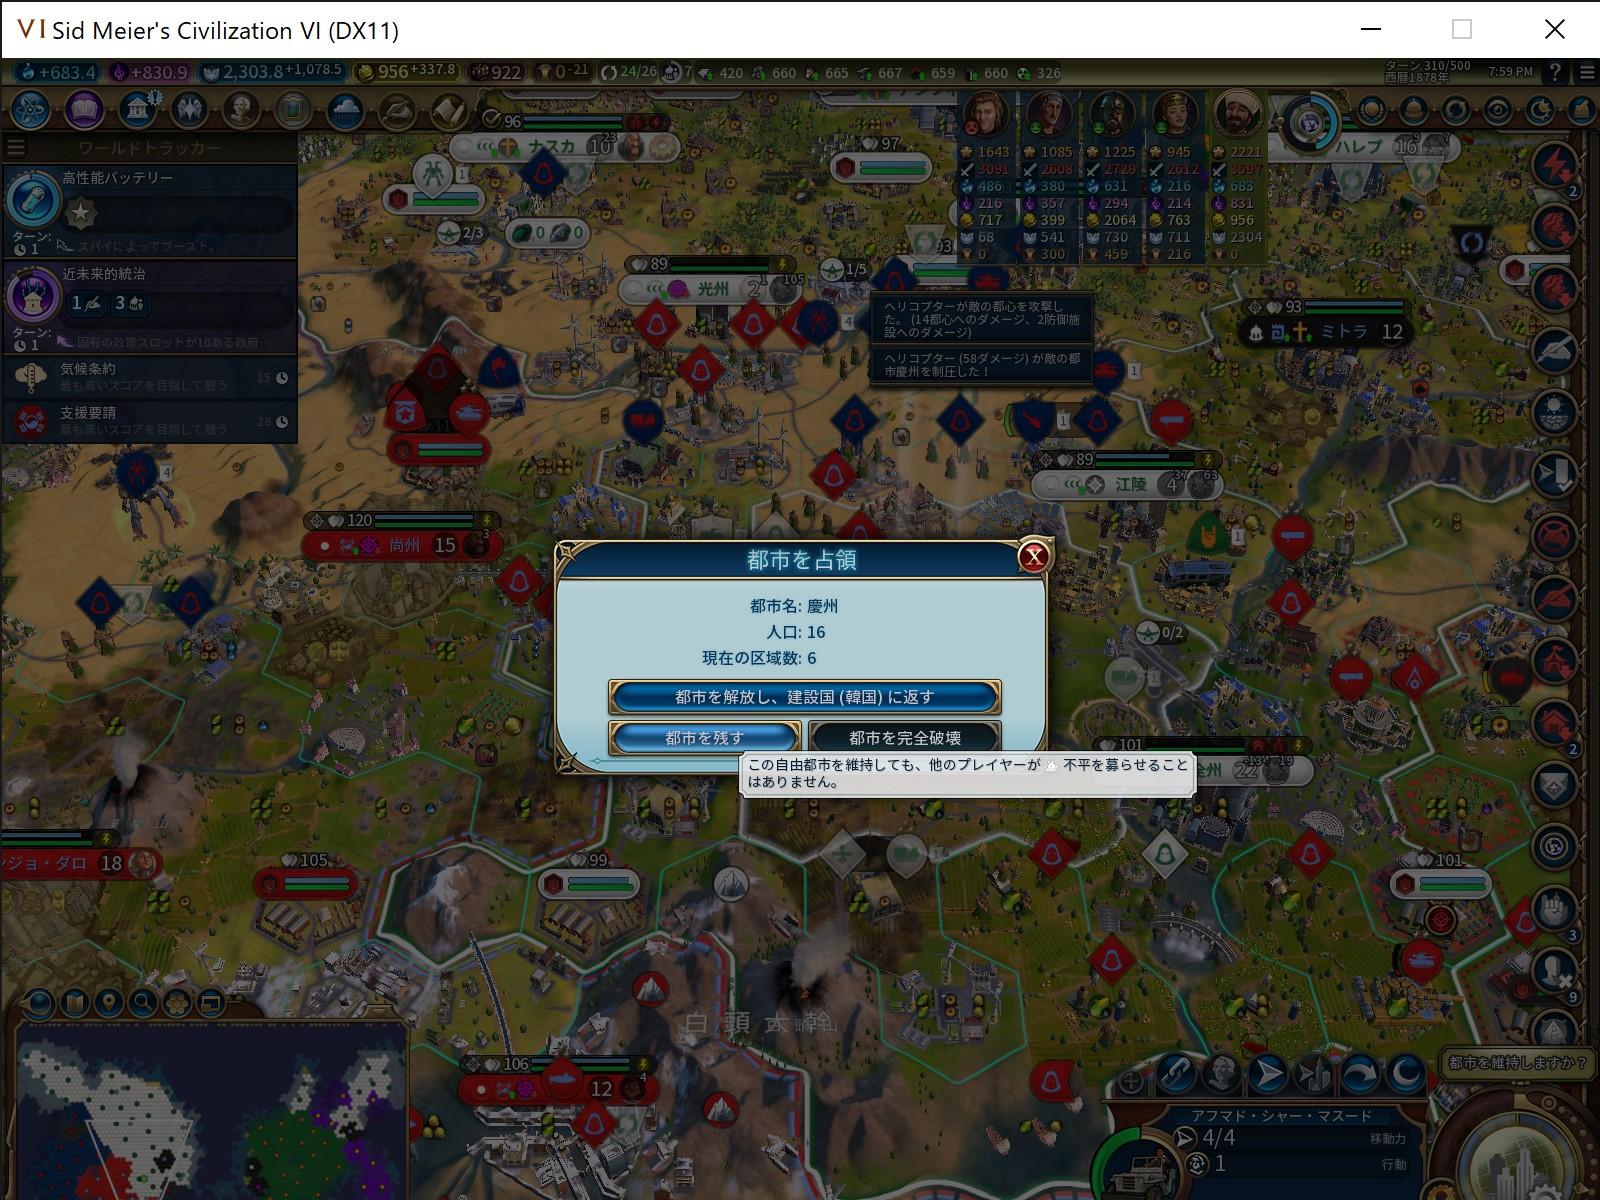 Sid Meier's Civilizat_16 19_59_04.jpg